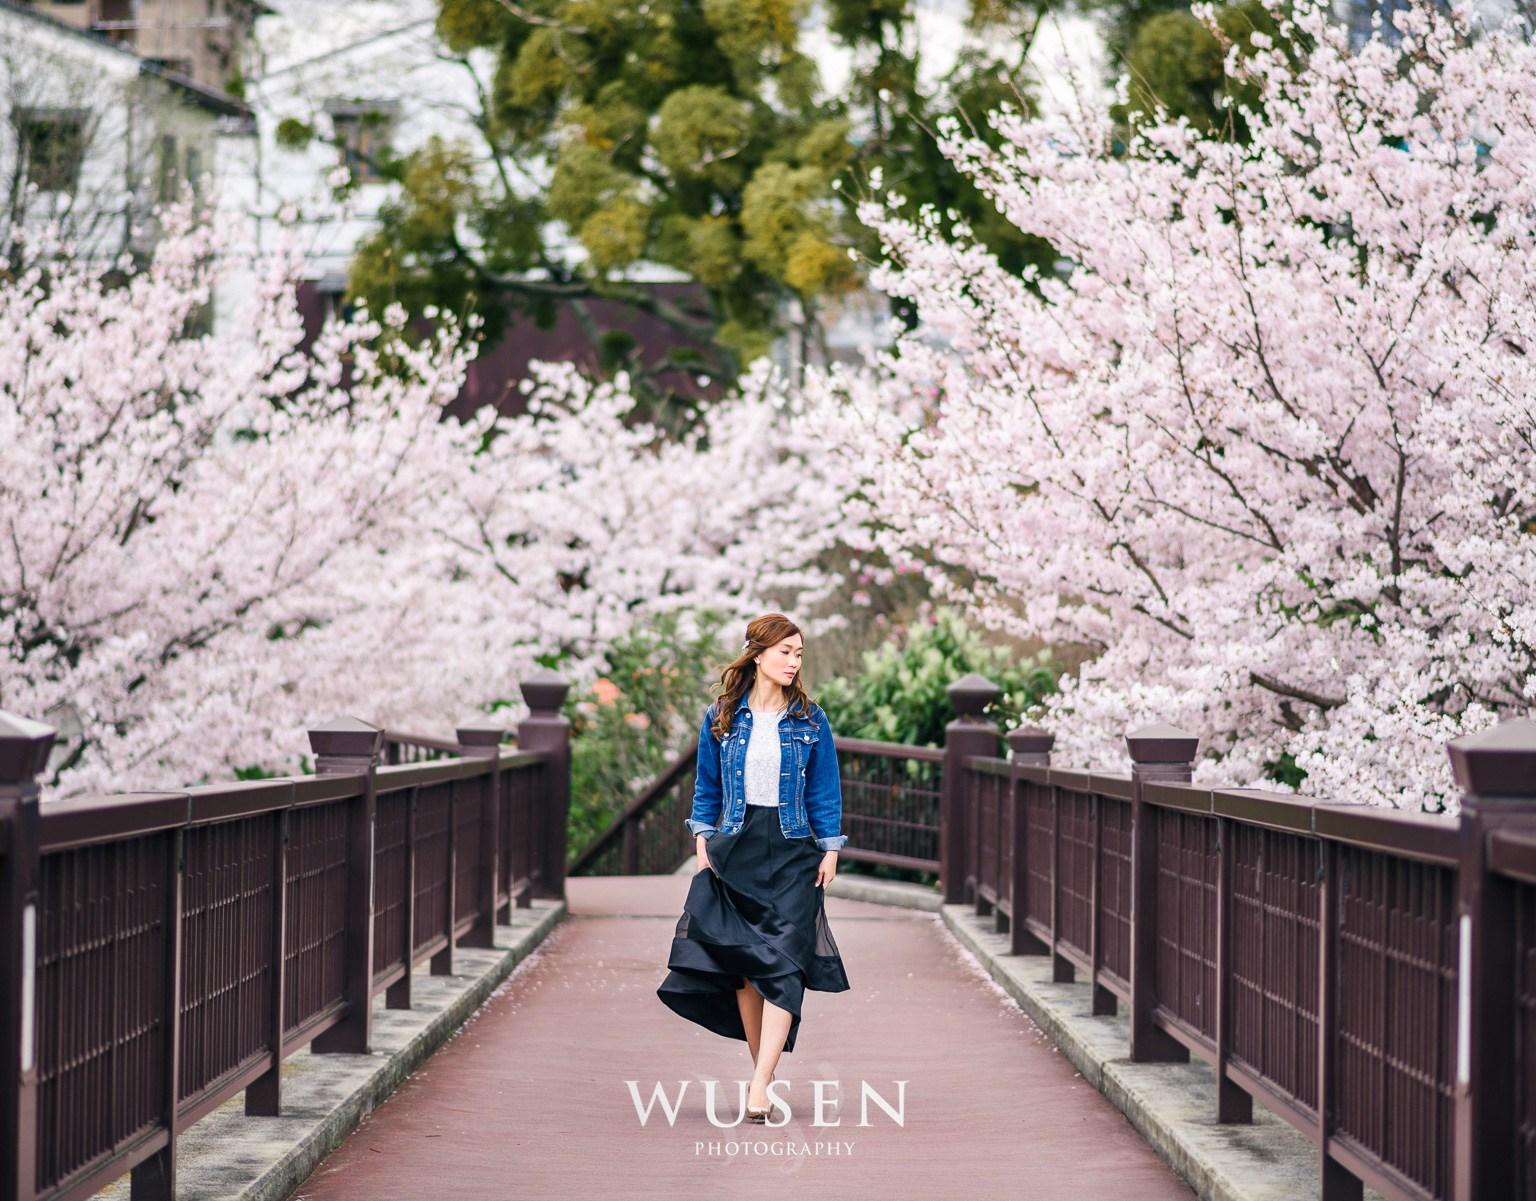 京都 春櫻季節 和服拍攝作品 – 京都和服寫真 Wusen Photography